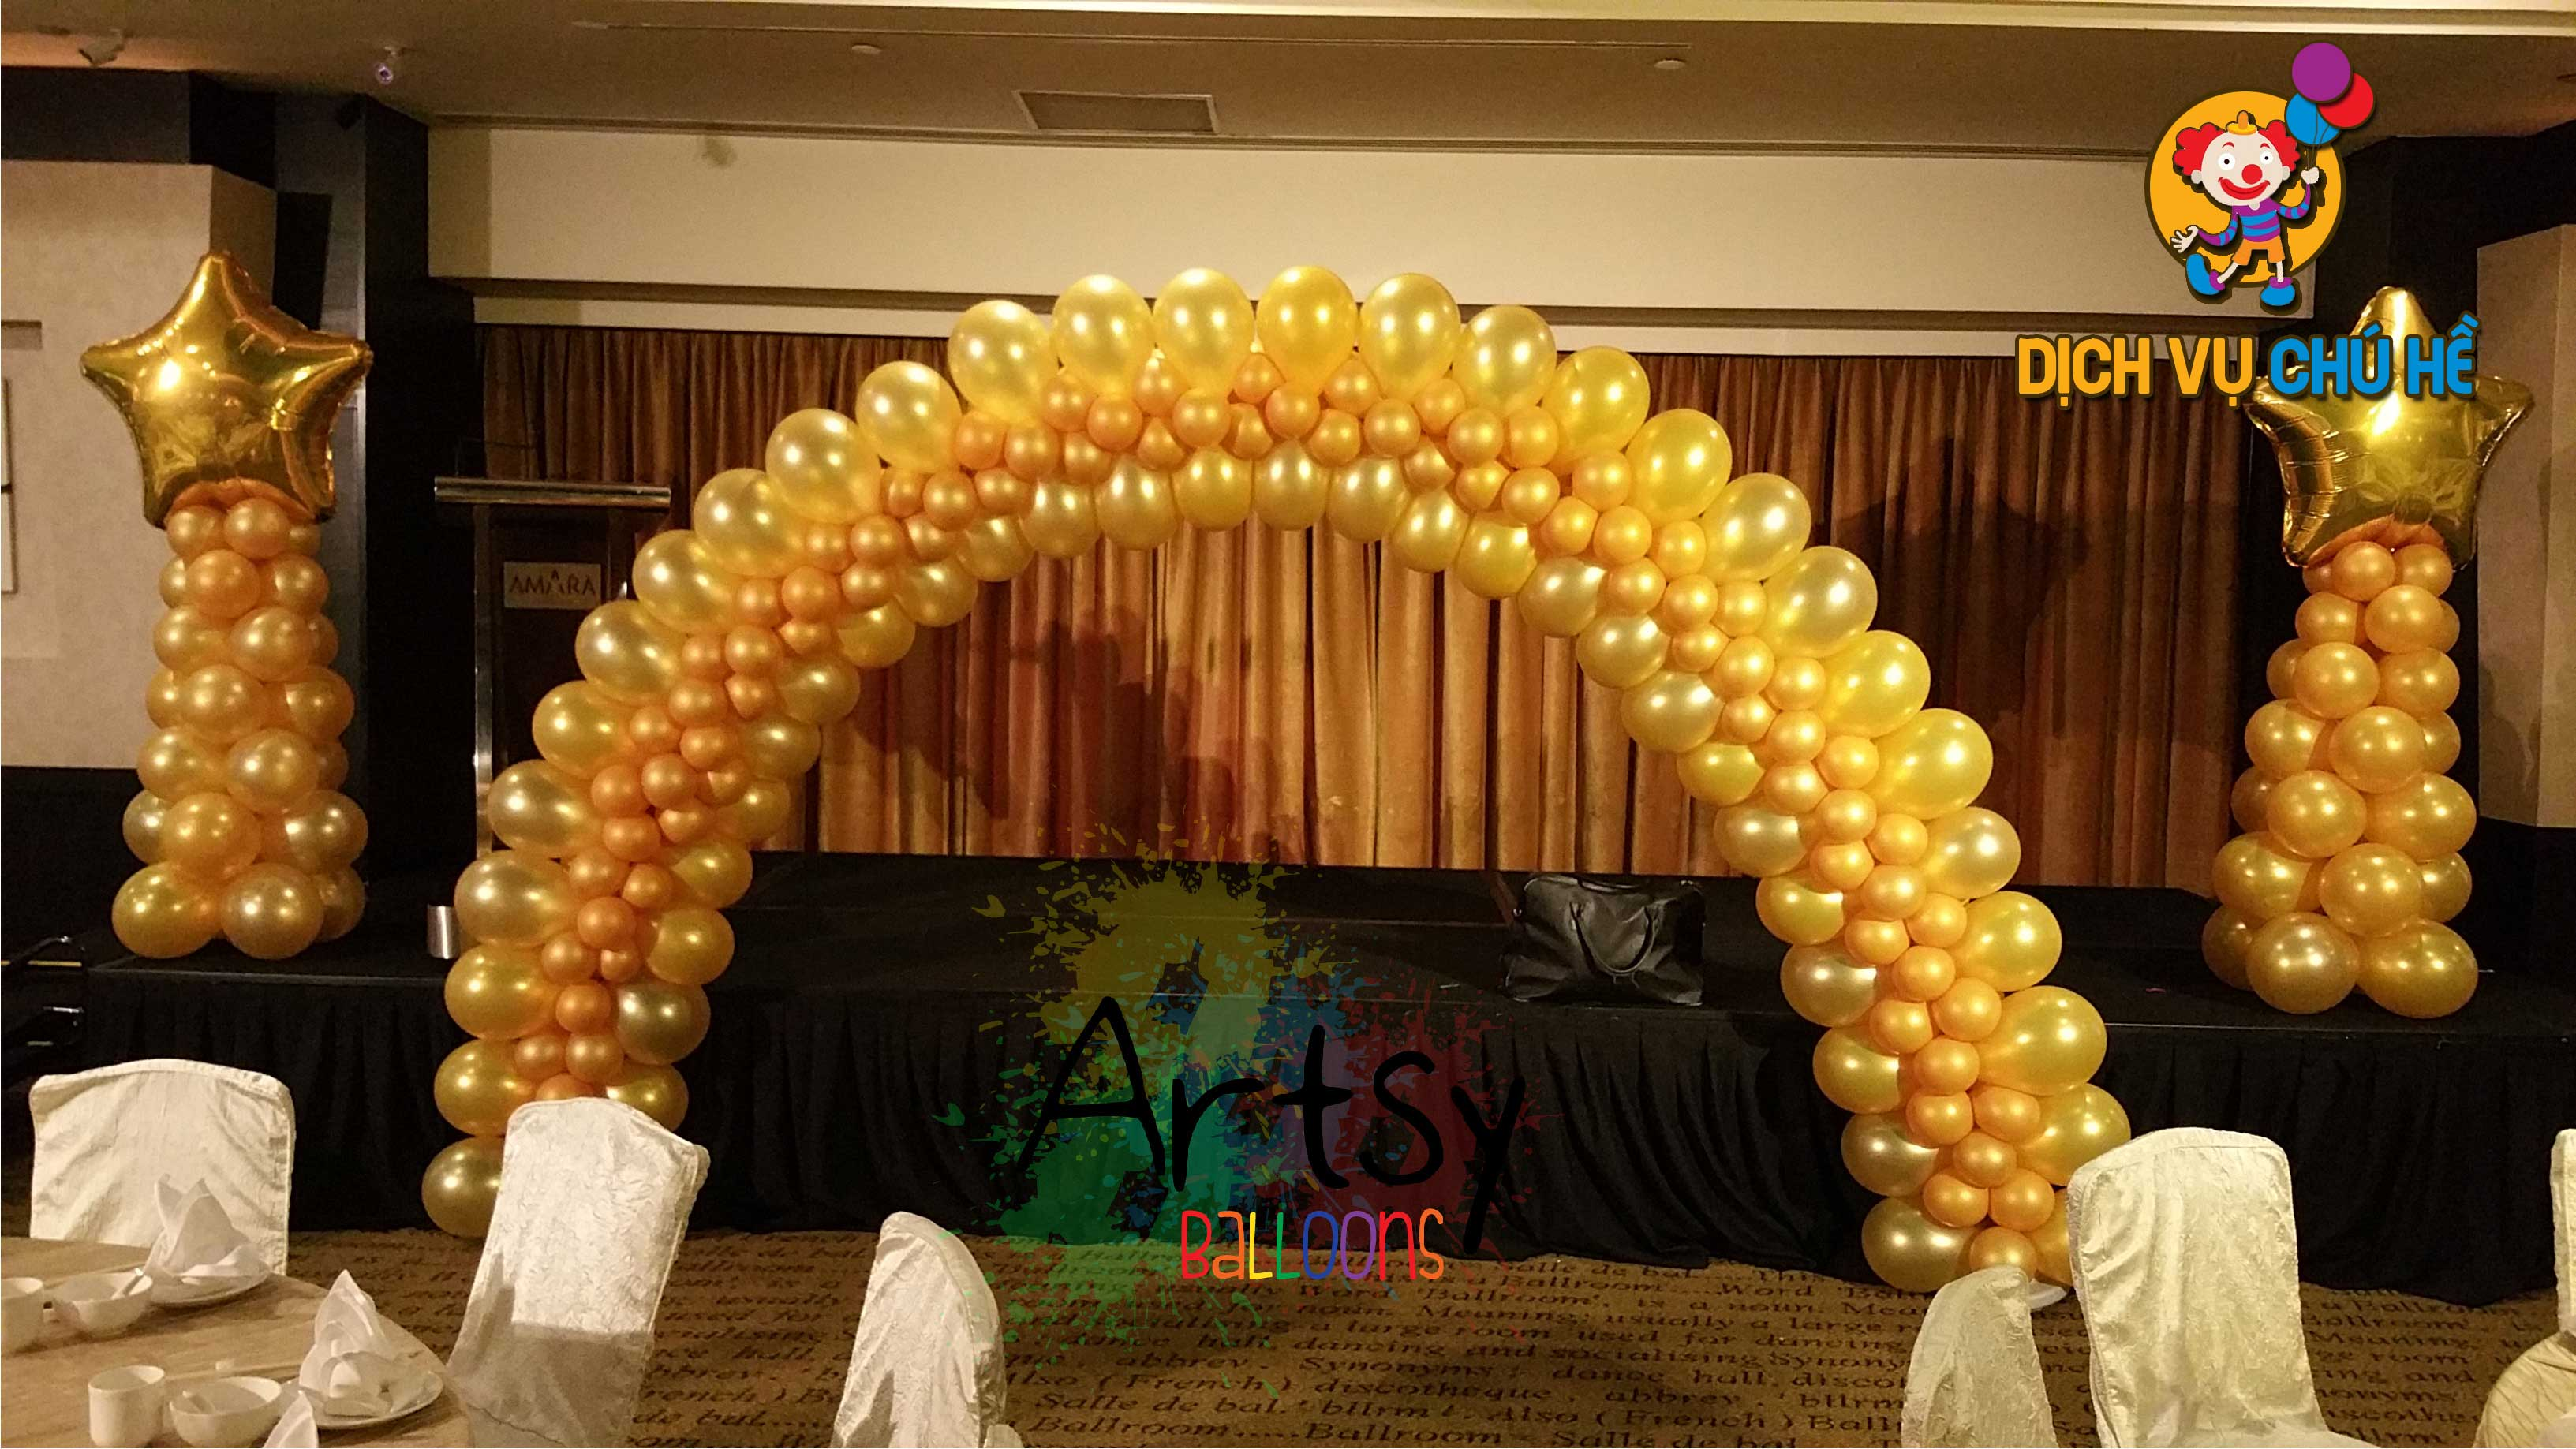 mẫu trang trí đám cưới bằng bong bóng